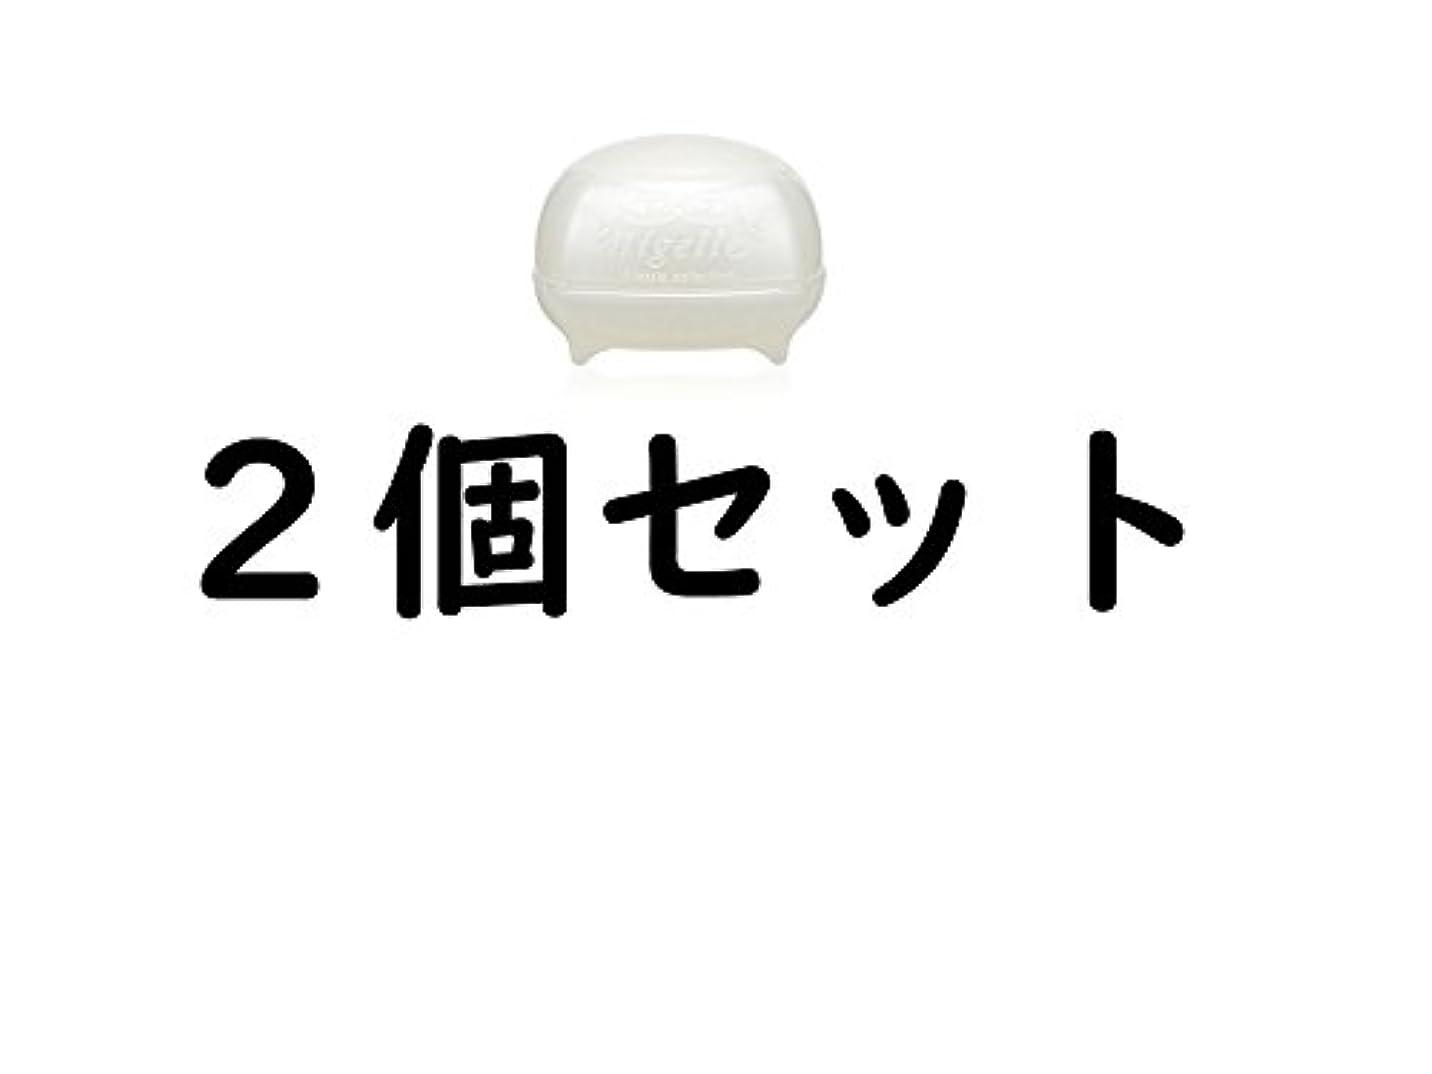 再編成する飛躍力【X2個セット】 ミルボン ニゼル トレイスワックス 80g (ニゼルドレシアコレクション) TRACE WAX MILBON